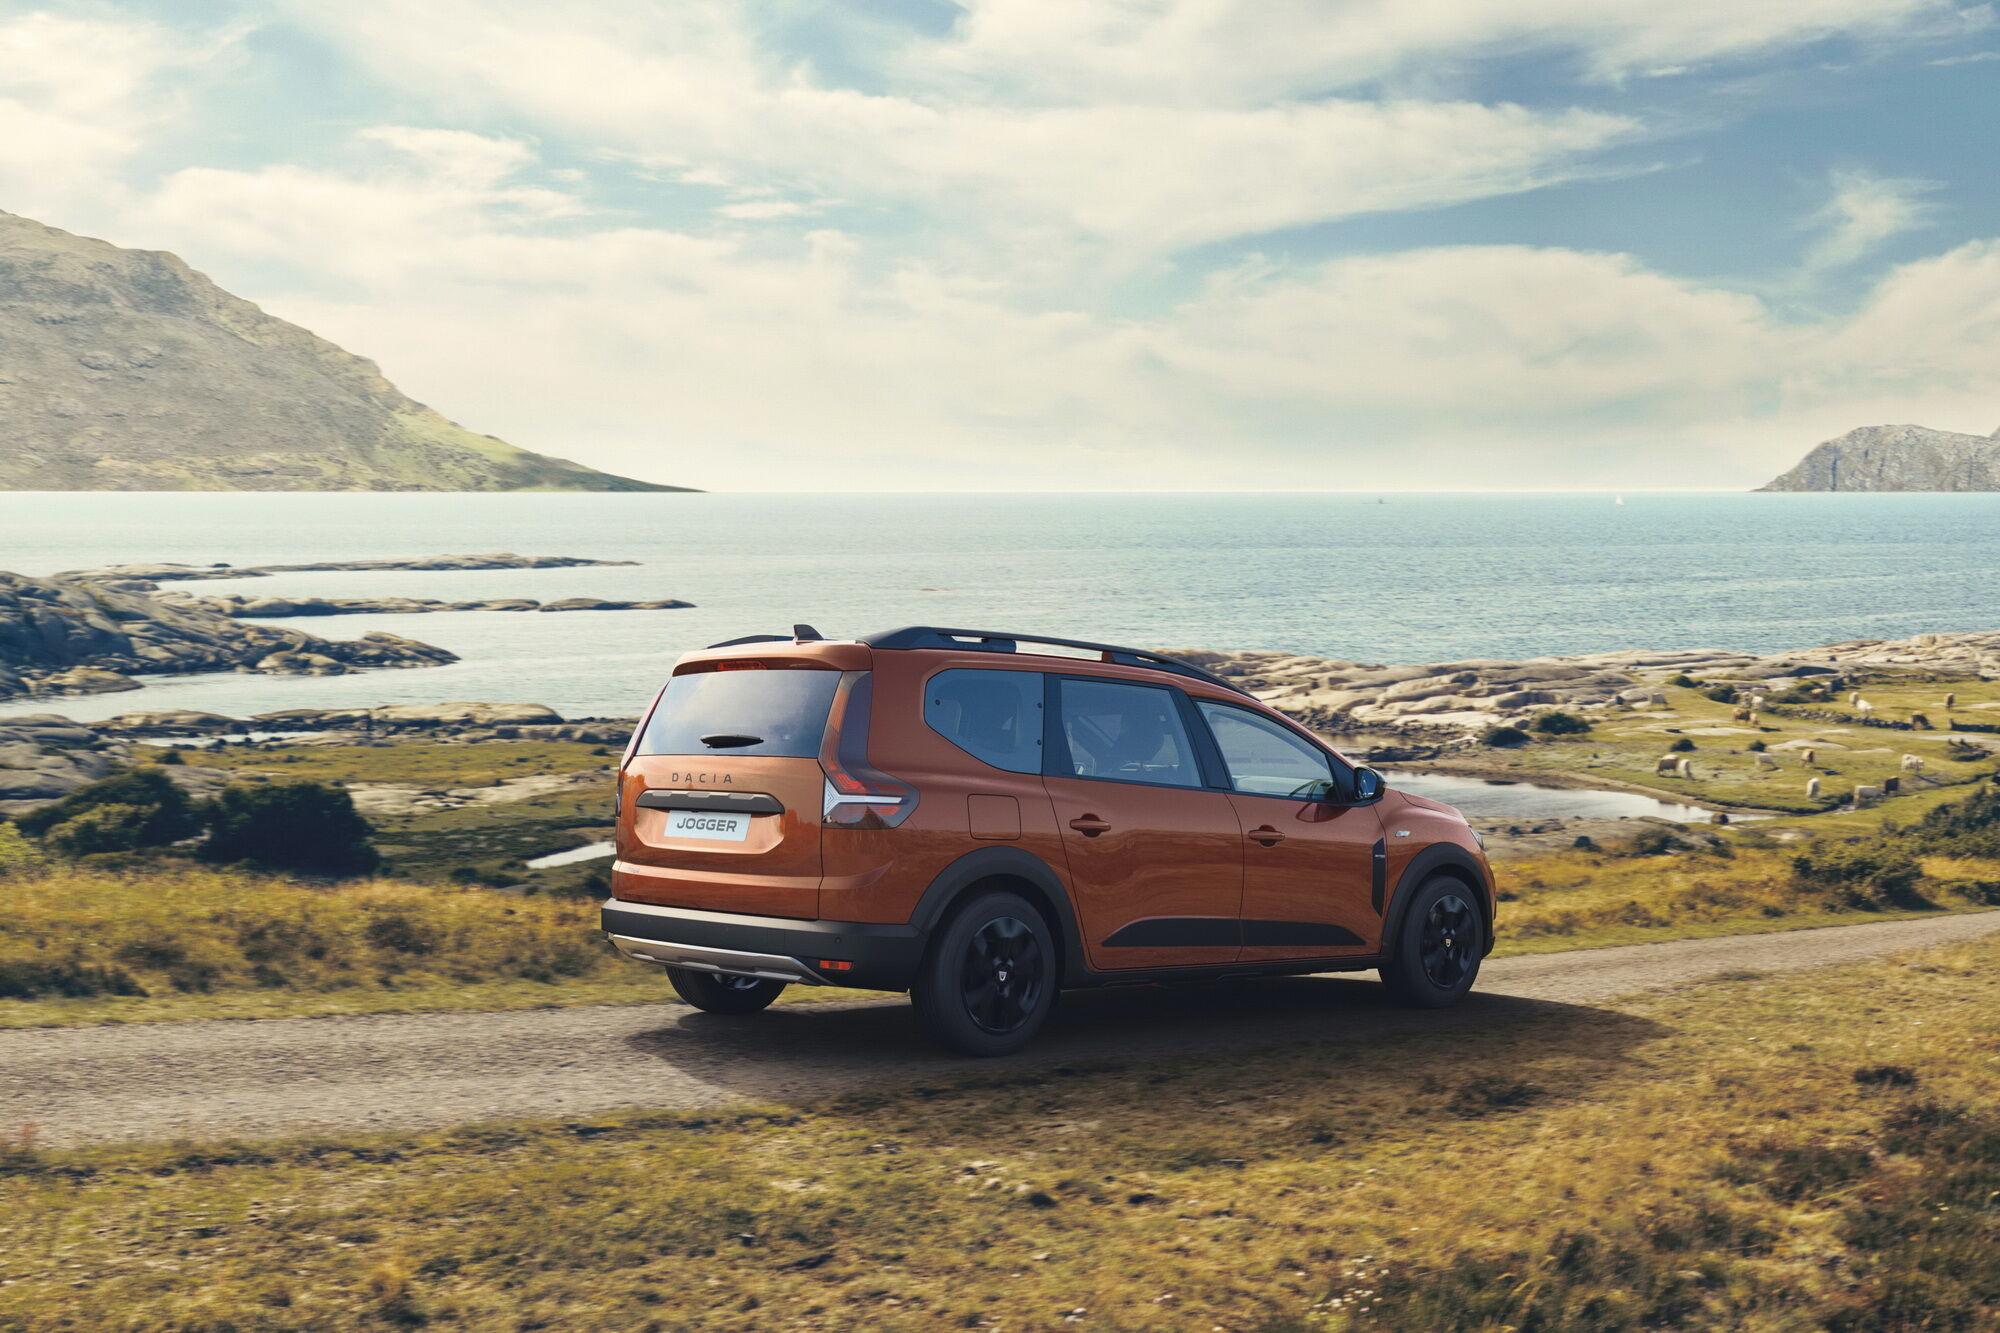 Замовлення на Dacia Jogger почнуть приймати в листопаді, а у дилерів новинка з'явиться в лютому майбутнього року